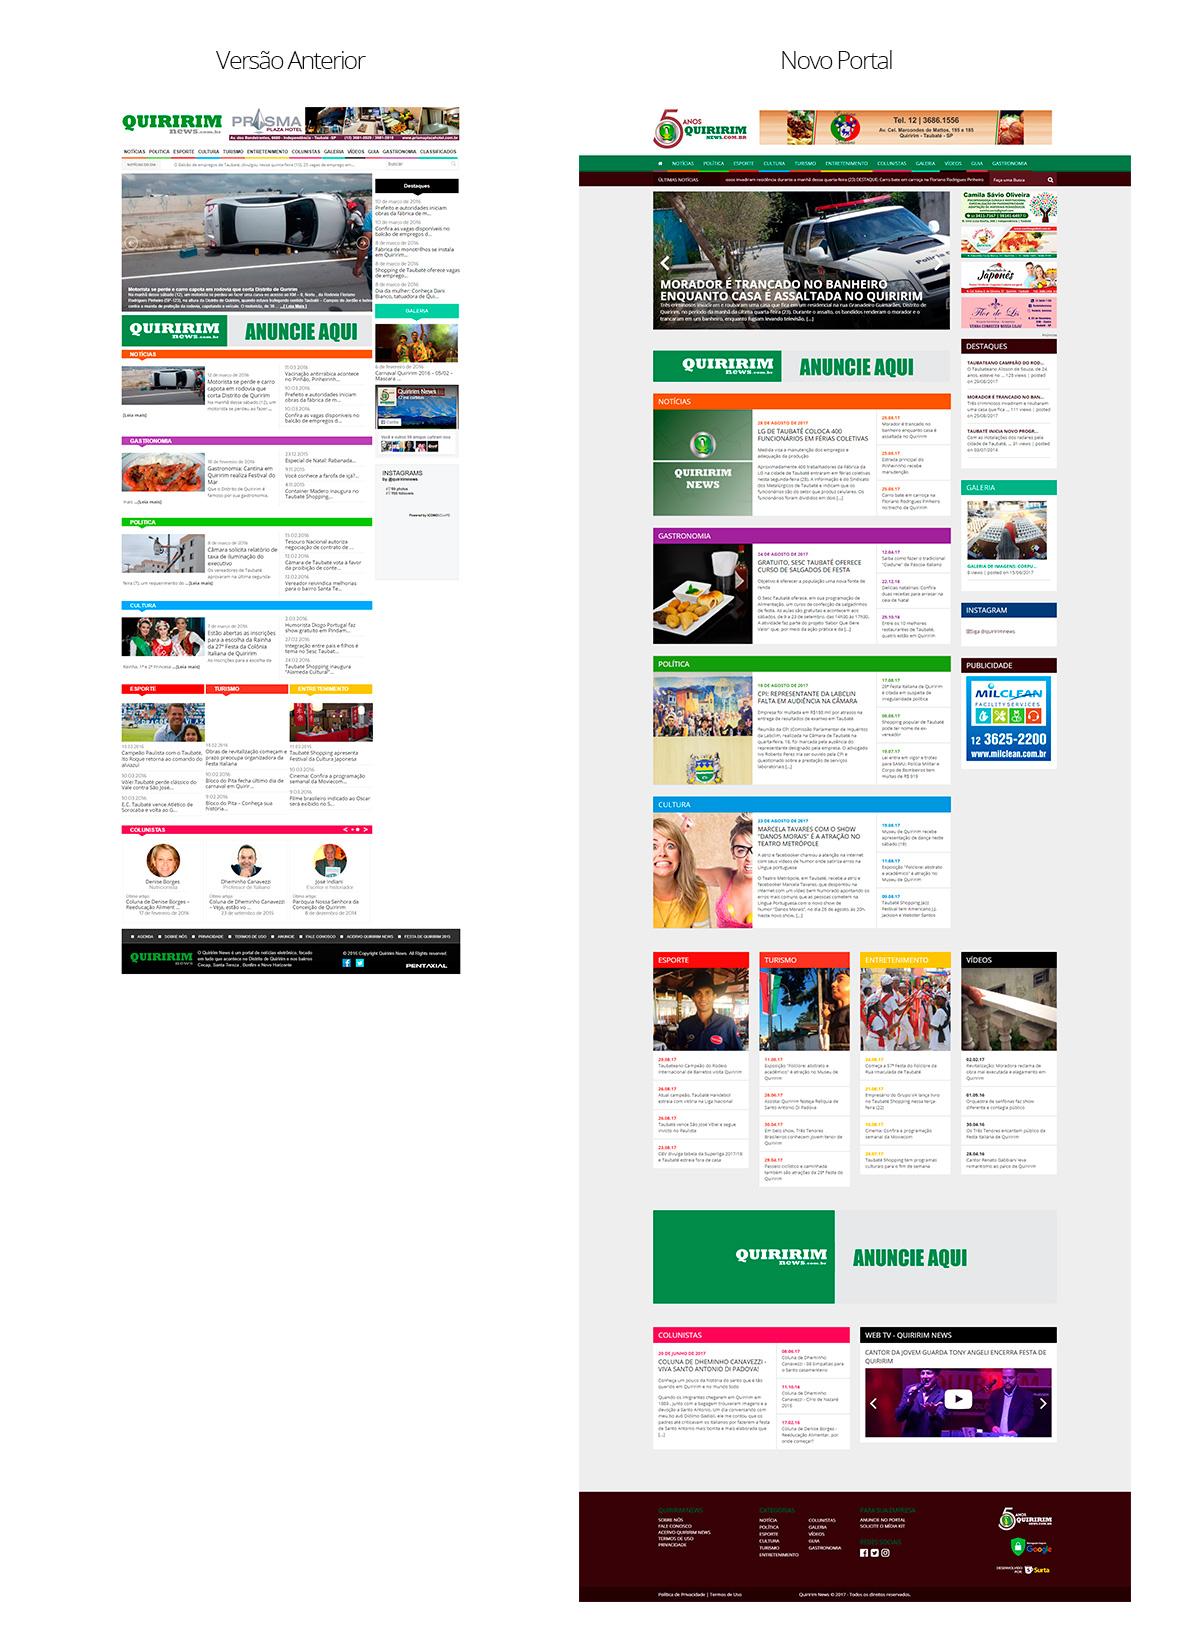 Estética eu sabilidade do novo portal Quiririm News